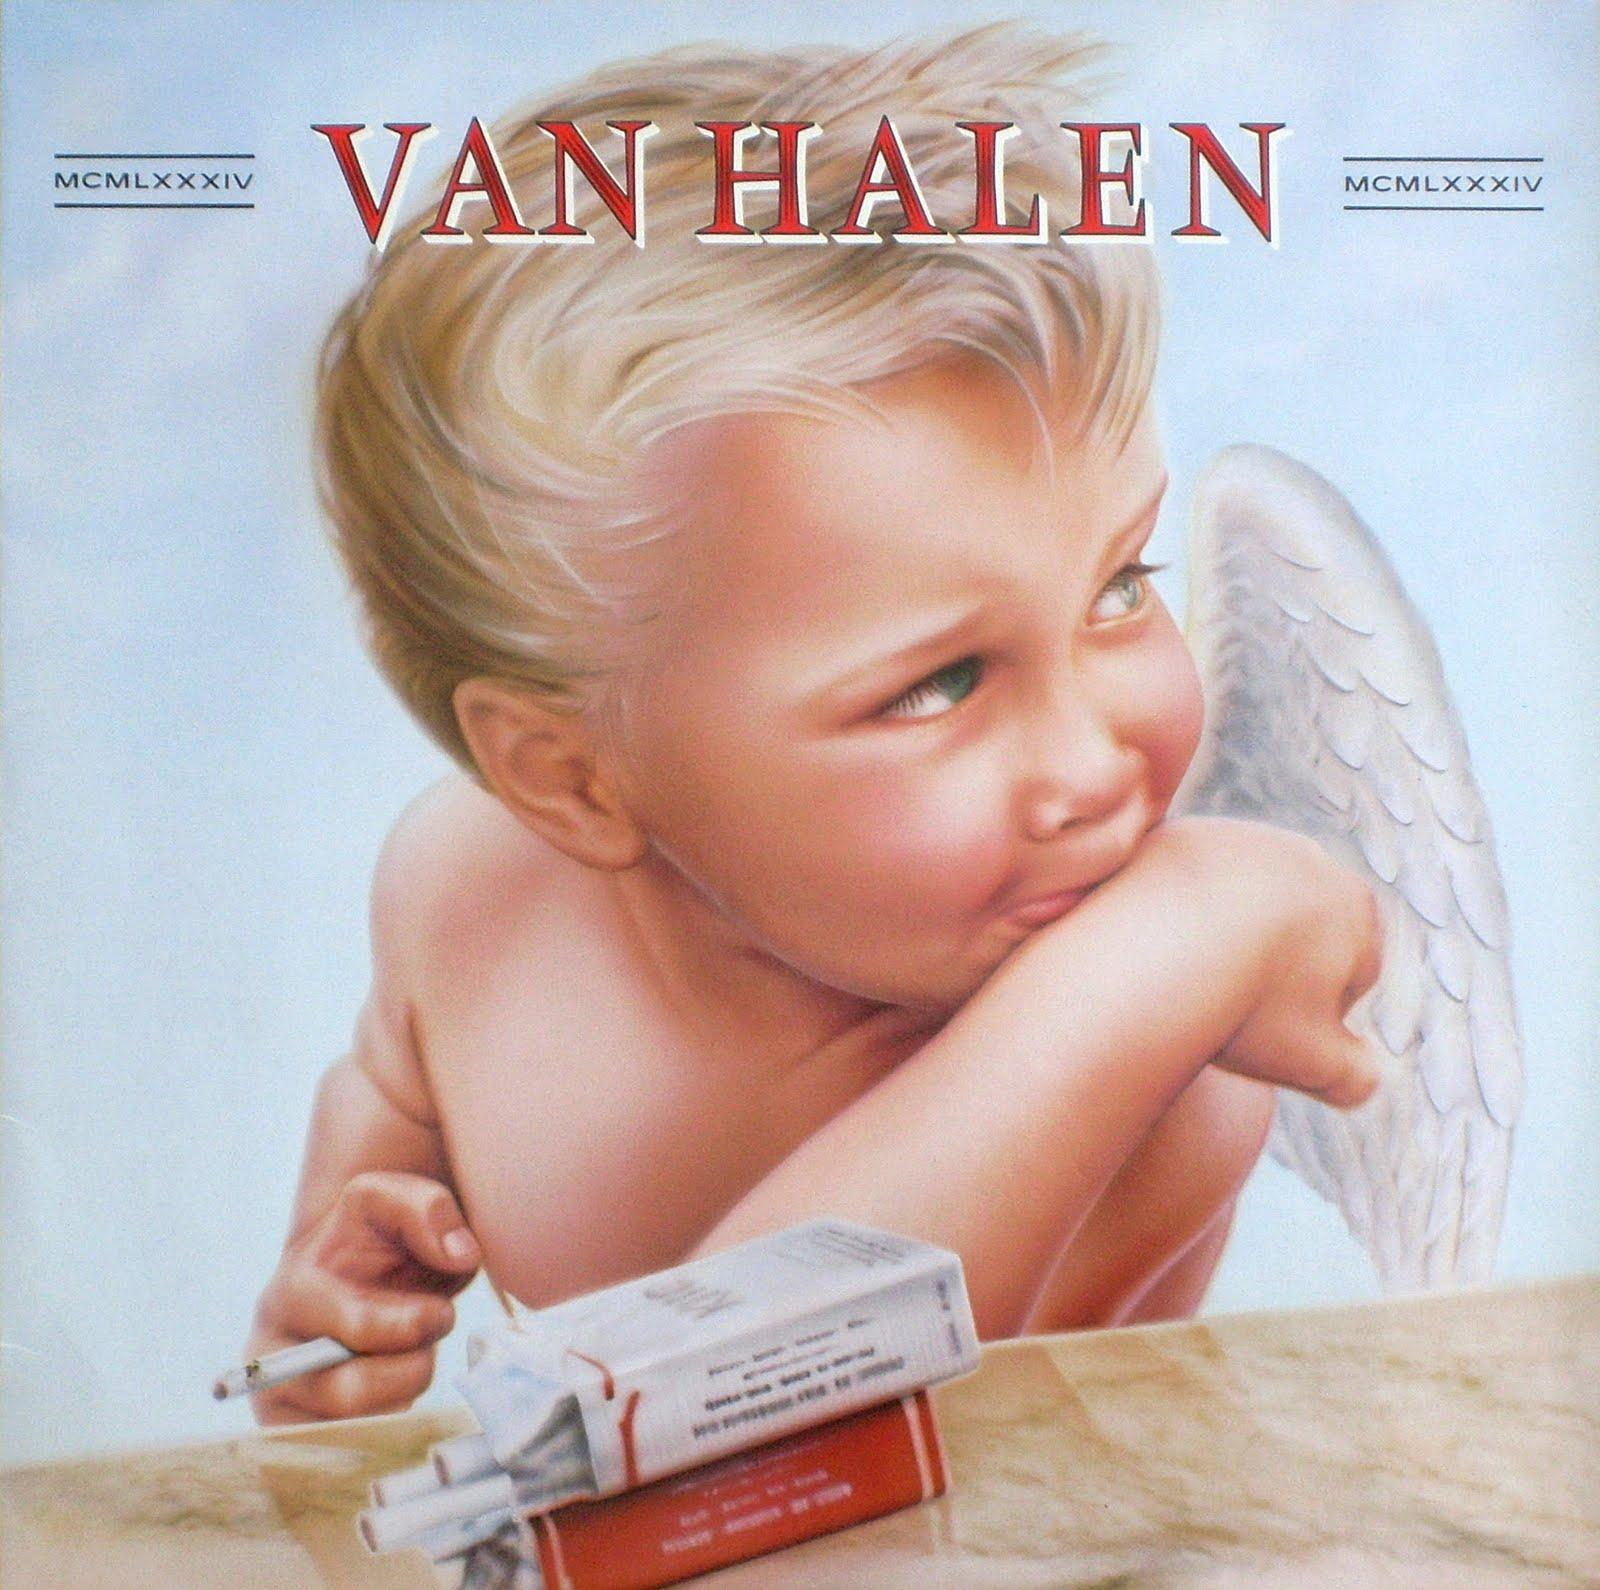 1984 -Van Halen (1983)